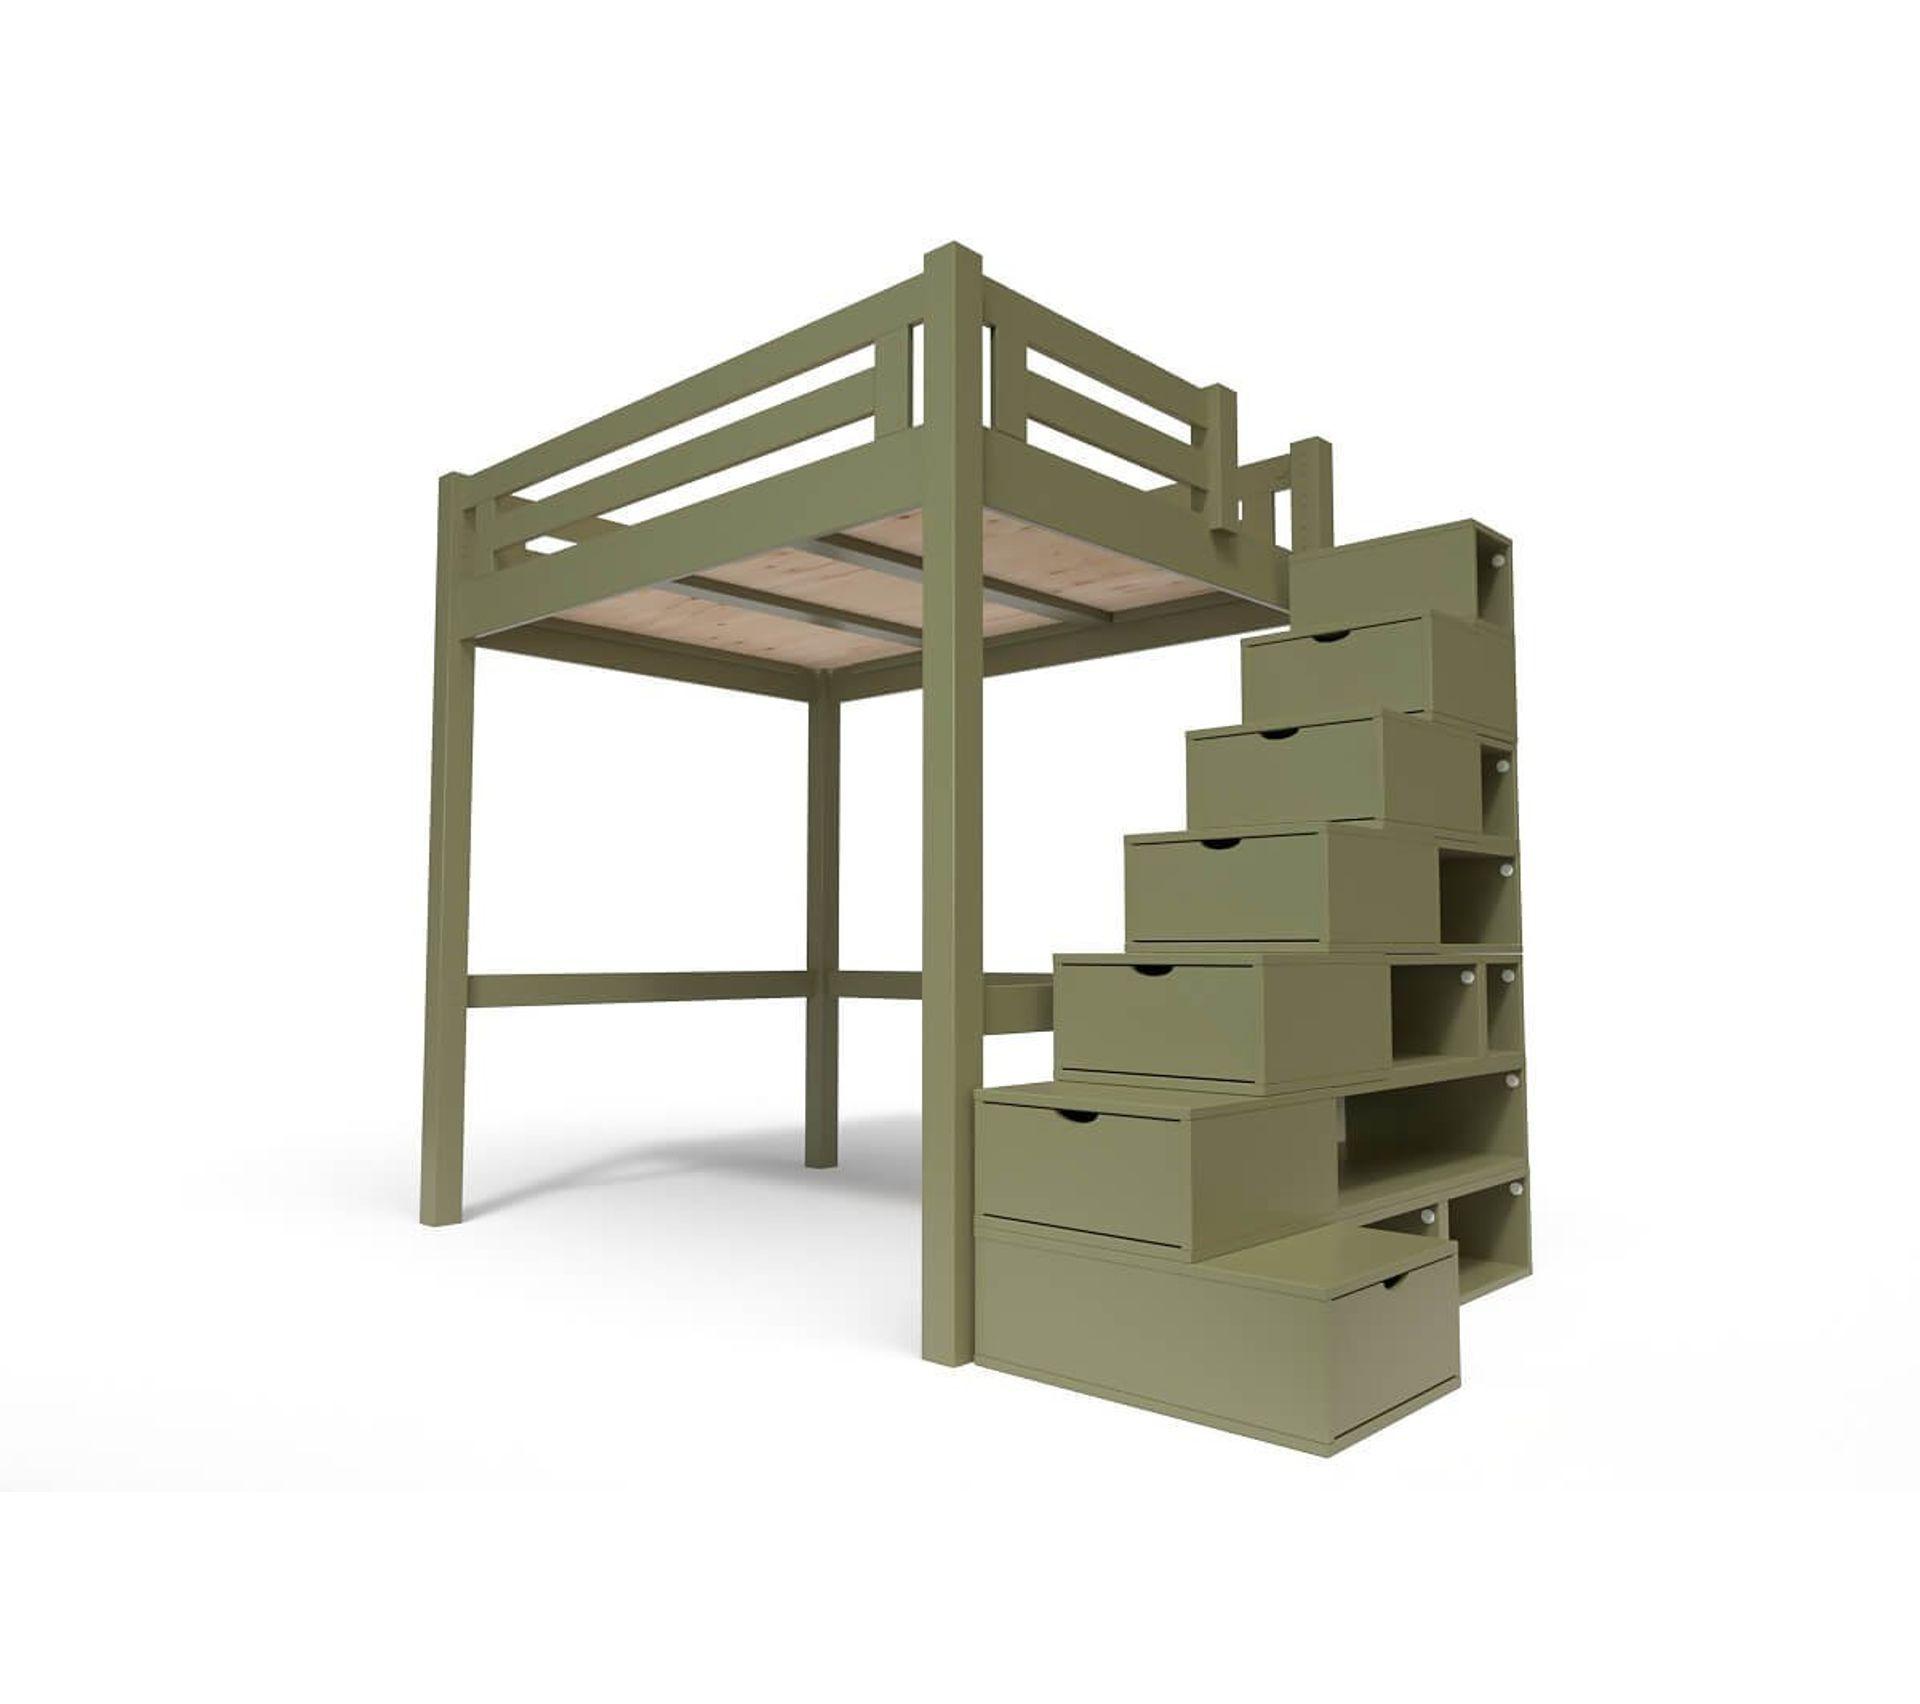 Lit Mezzanine Escalier Cube lit mezzanine alpage bois + escalier cube hauteur réglable, couleur: taupe,  dimensions: 120x200